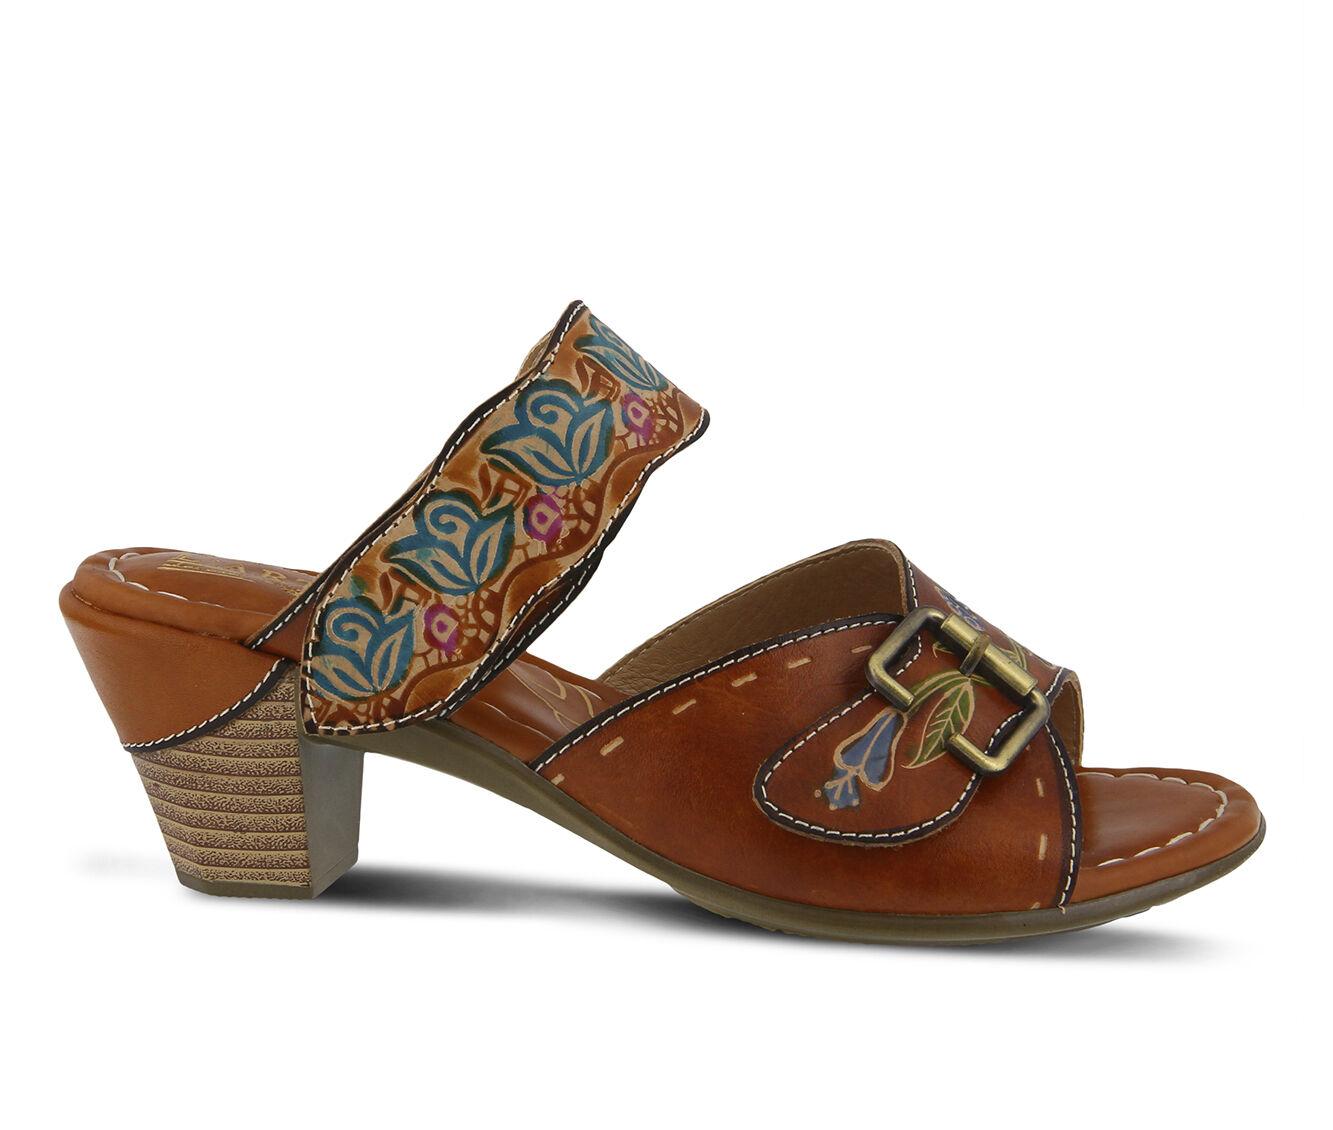 Women's L'ARTISTE Ozuna Dress Sandals Camel